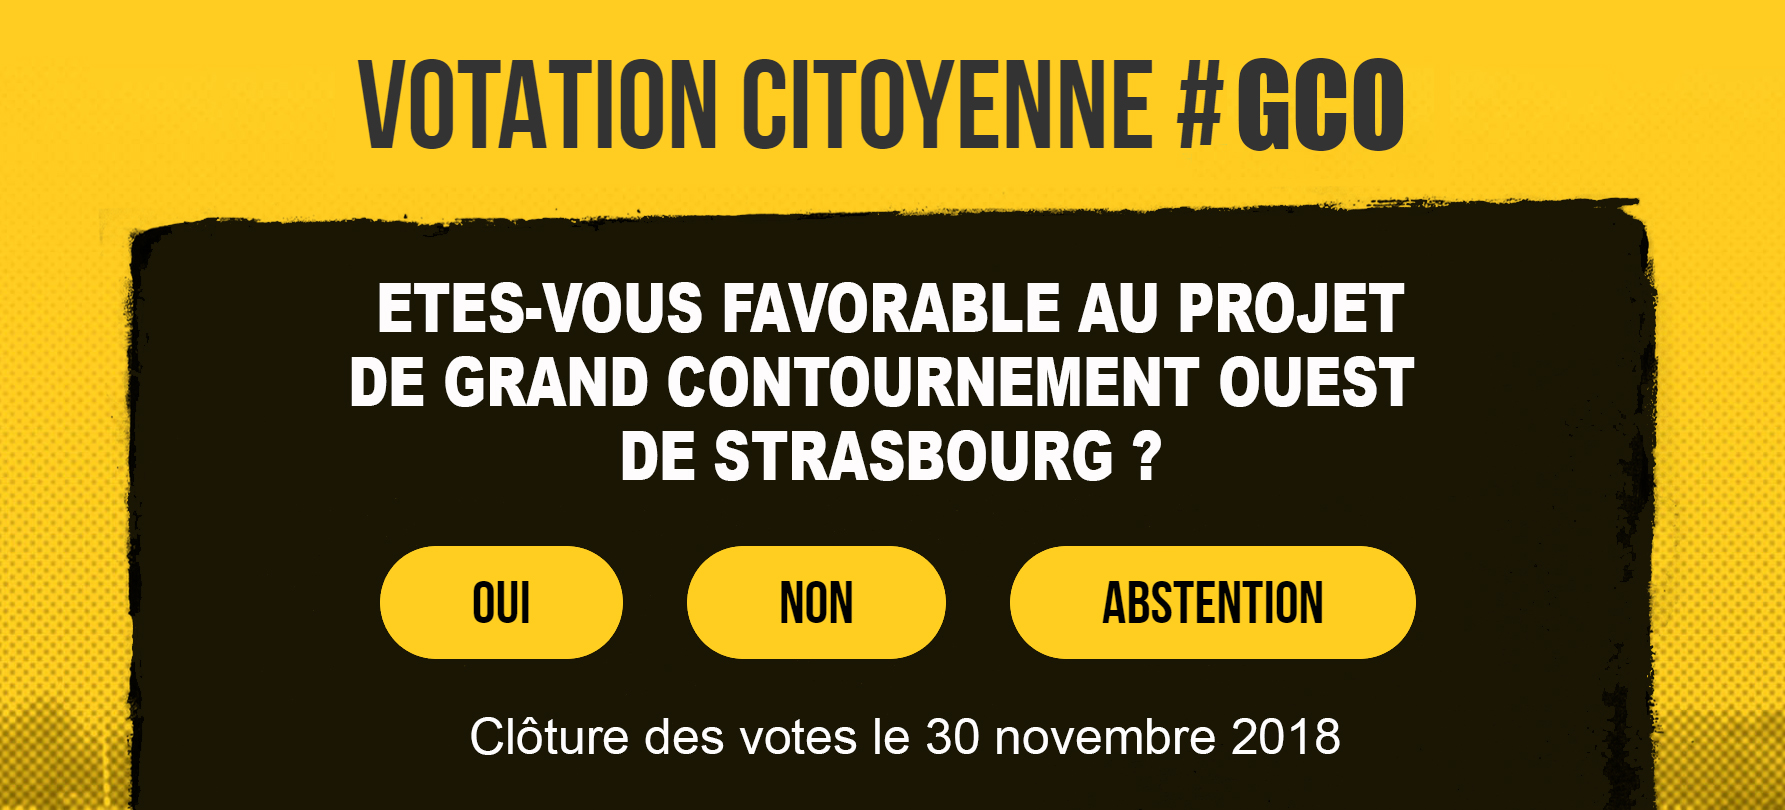 Participez maintenant à la votation citoyenne sur le Grand Contournement Ouest de Strasbourg